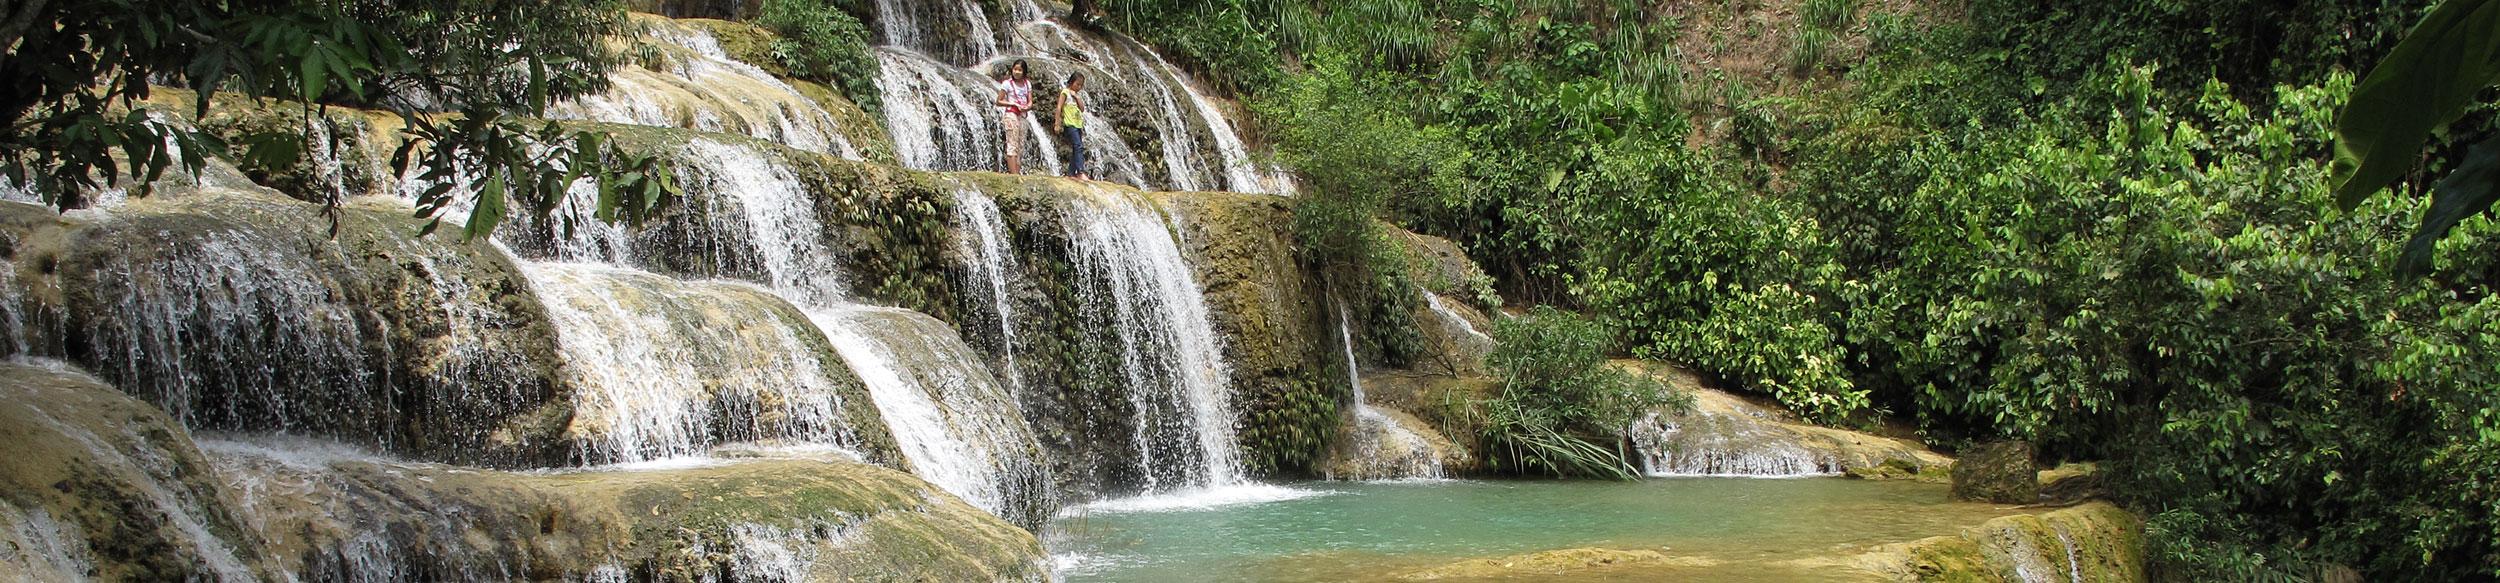 Cascades dans la réserve de Ngoc Son Ngo Luong au nord Vietnam